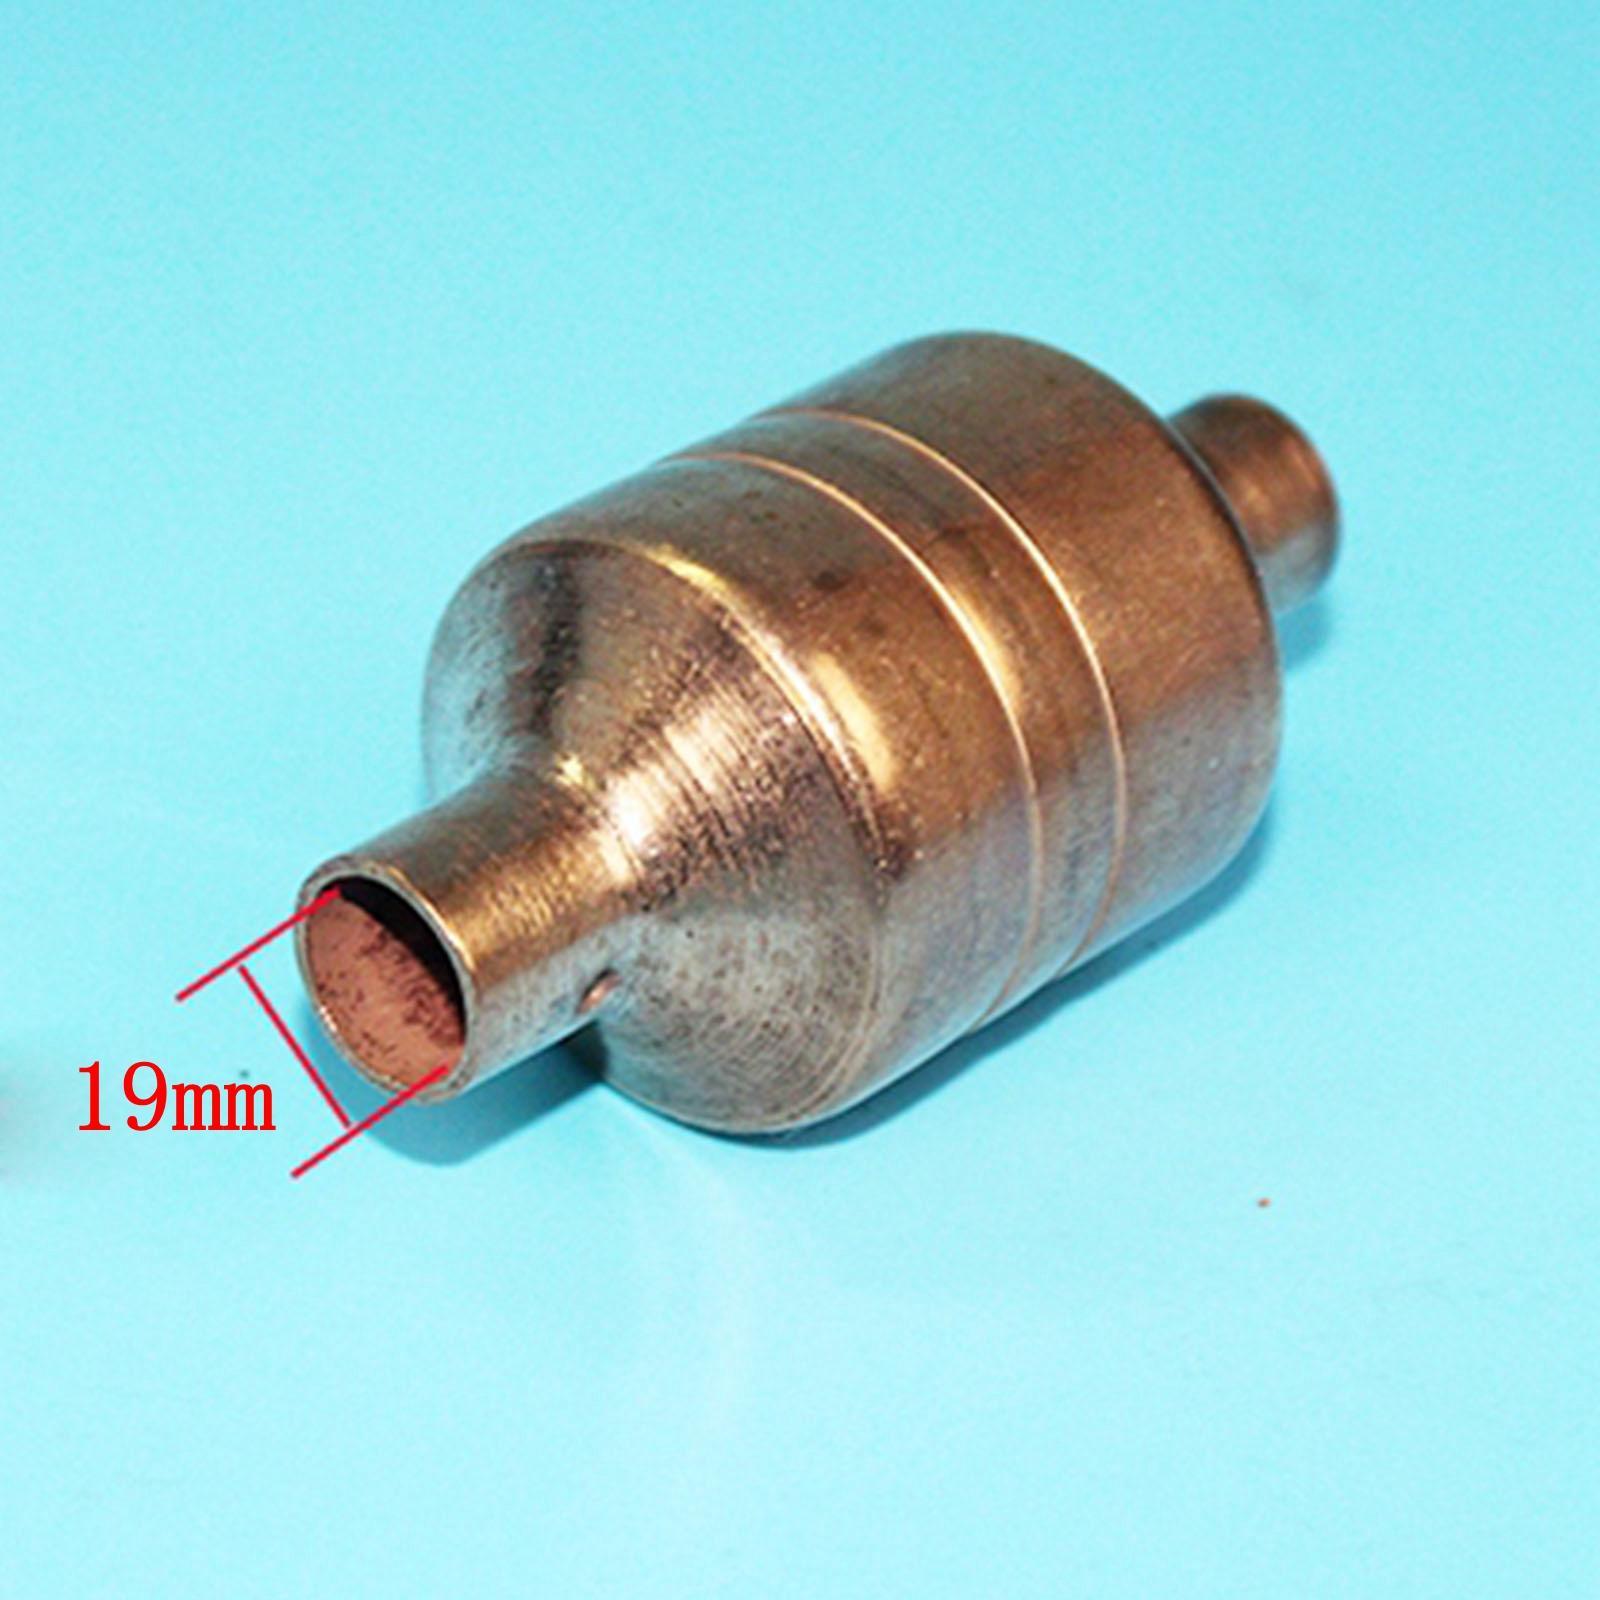 Home FäHig 19mm Mund Durchmesser Solder Verbindung Luft Wärmepumpe Kupfer Filter Mit Bildschirm Kühler Teile Online Shop